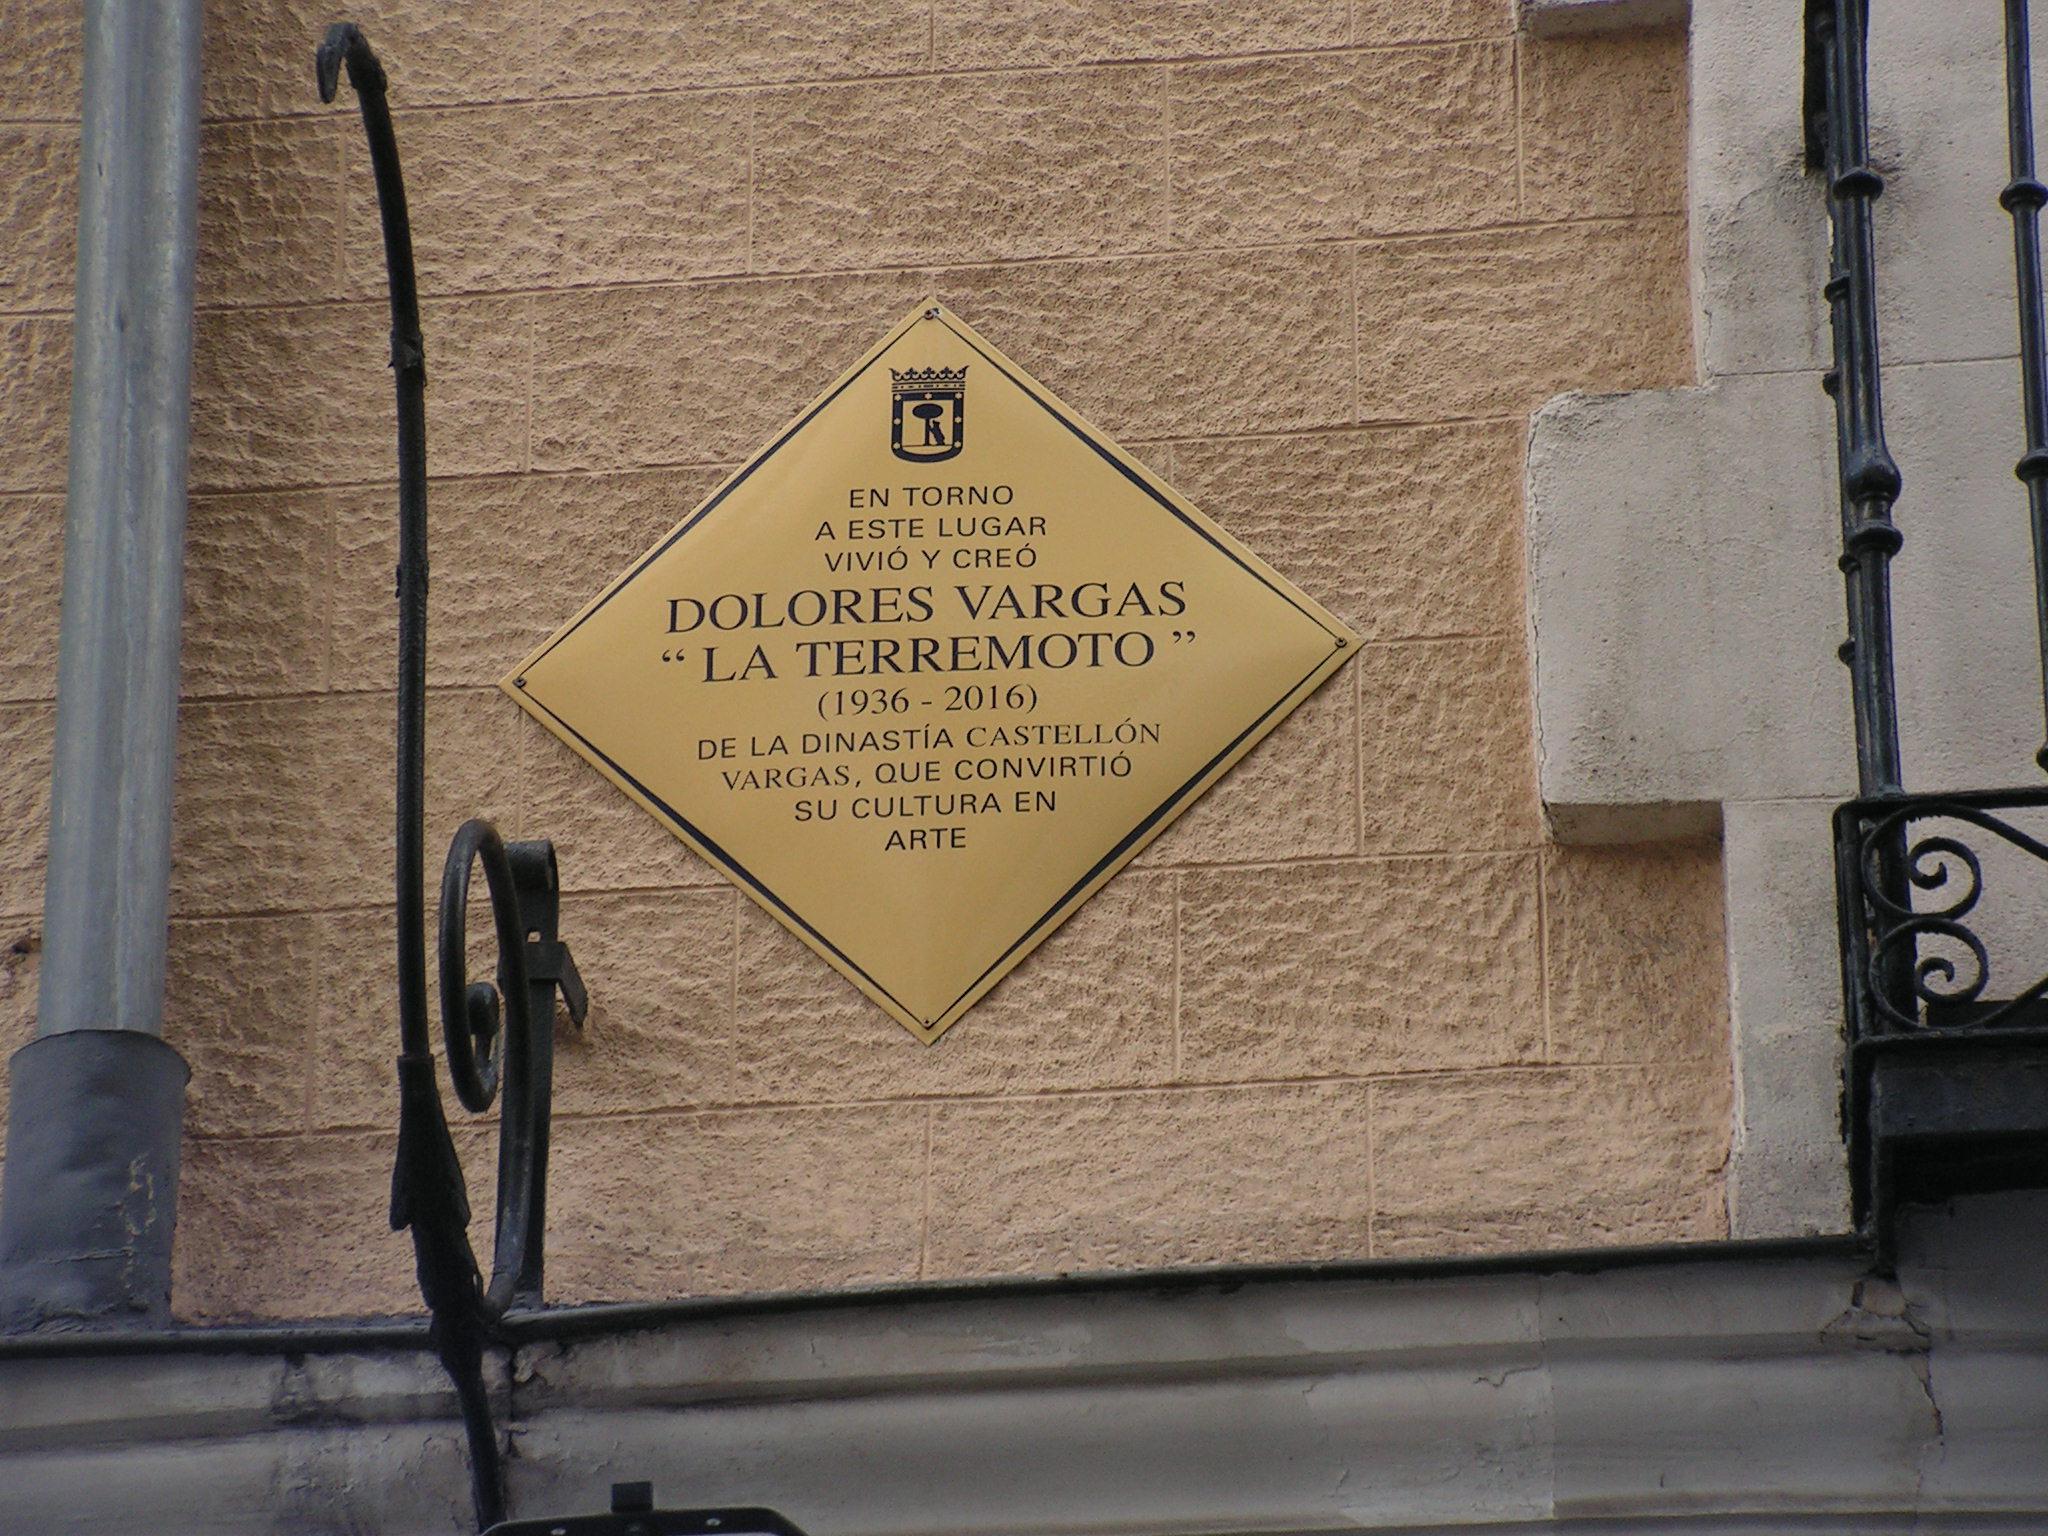 Placa de dedicada a Dolores Vargas, La Terremoto.